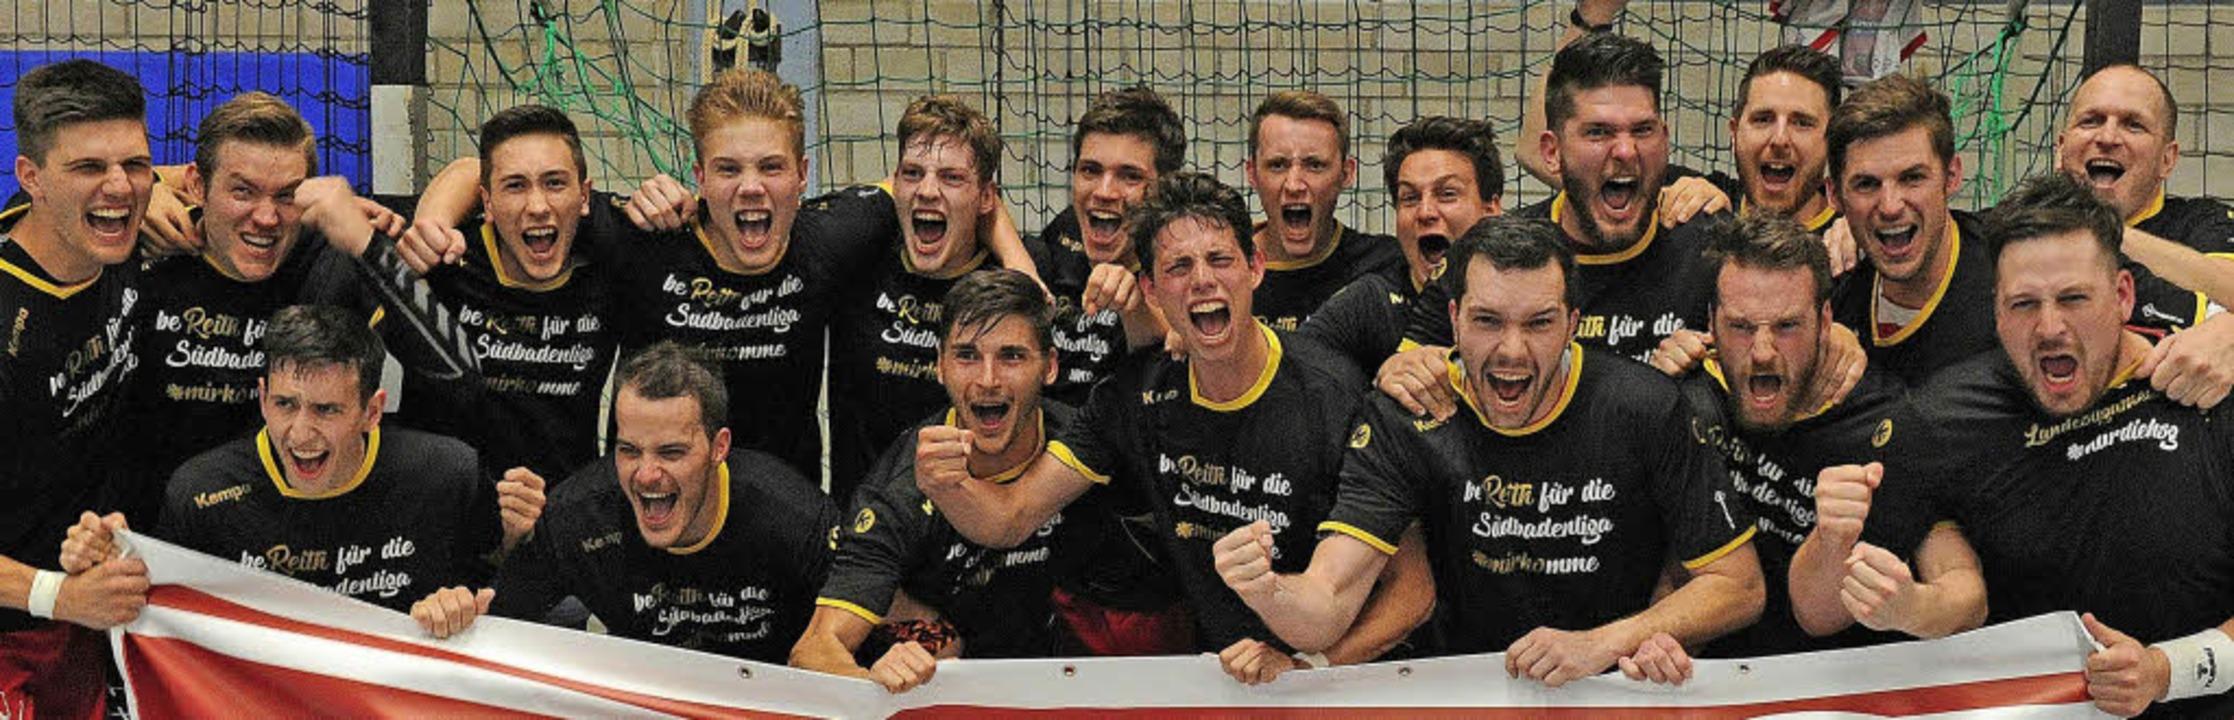 Glückliche Gesichter, nachdem sich die...elohnt hat, wie Stephan Richini sagt.   | Foto: Pressebüro Schaller